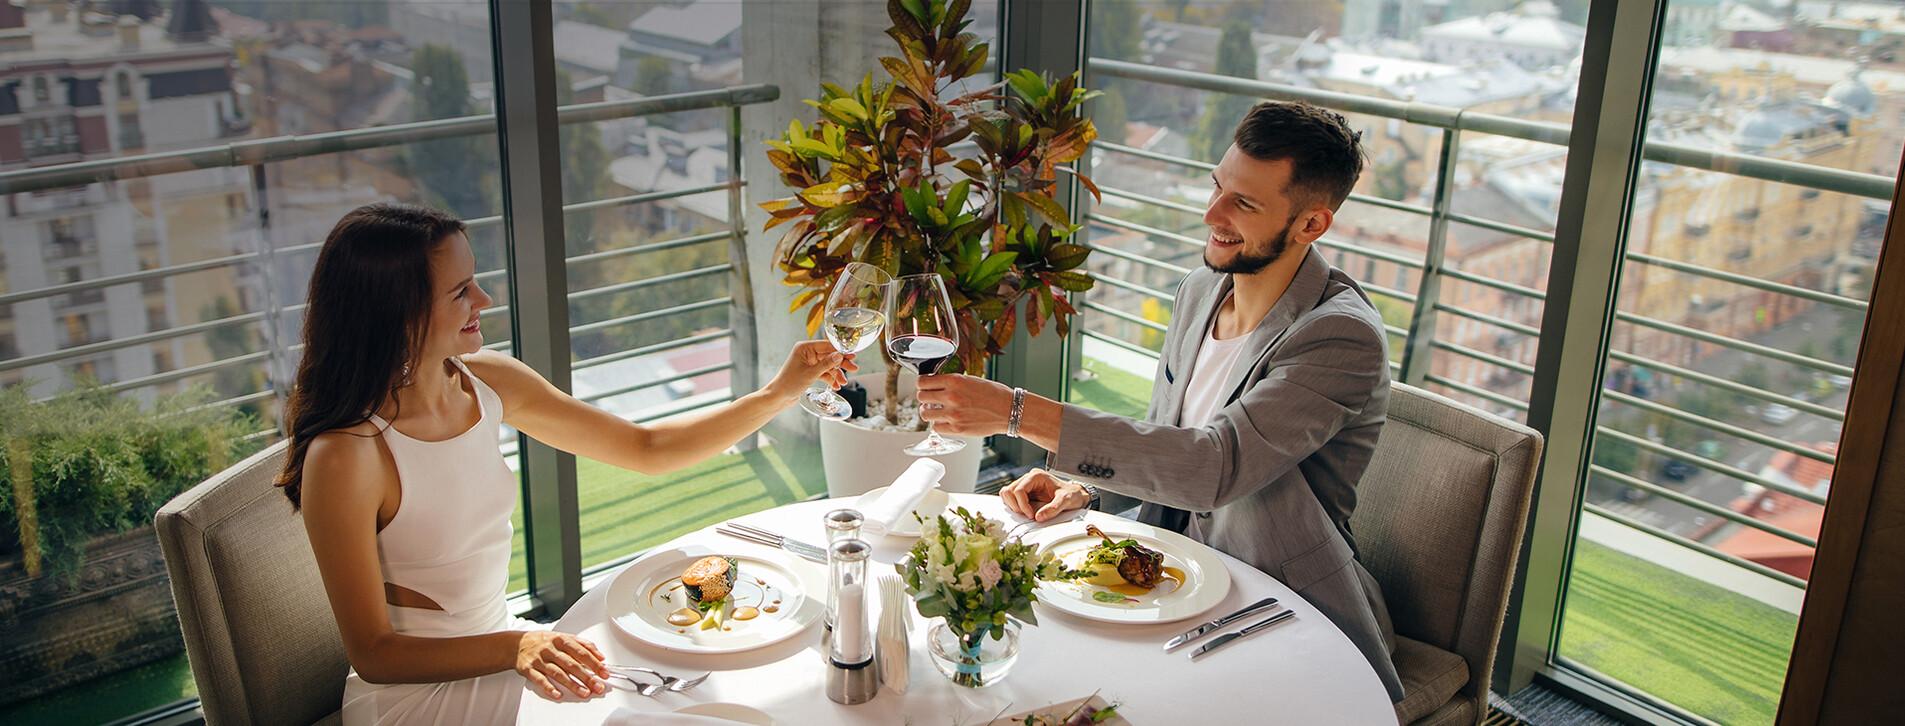 Фото - Ужин в ресторане с панорамным видом